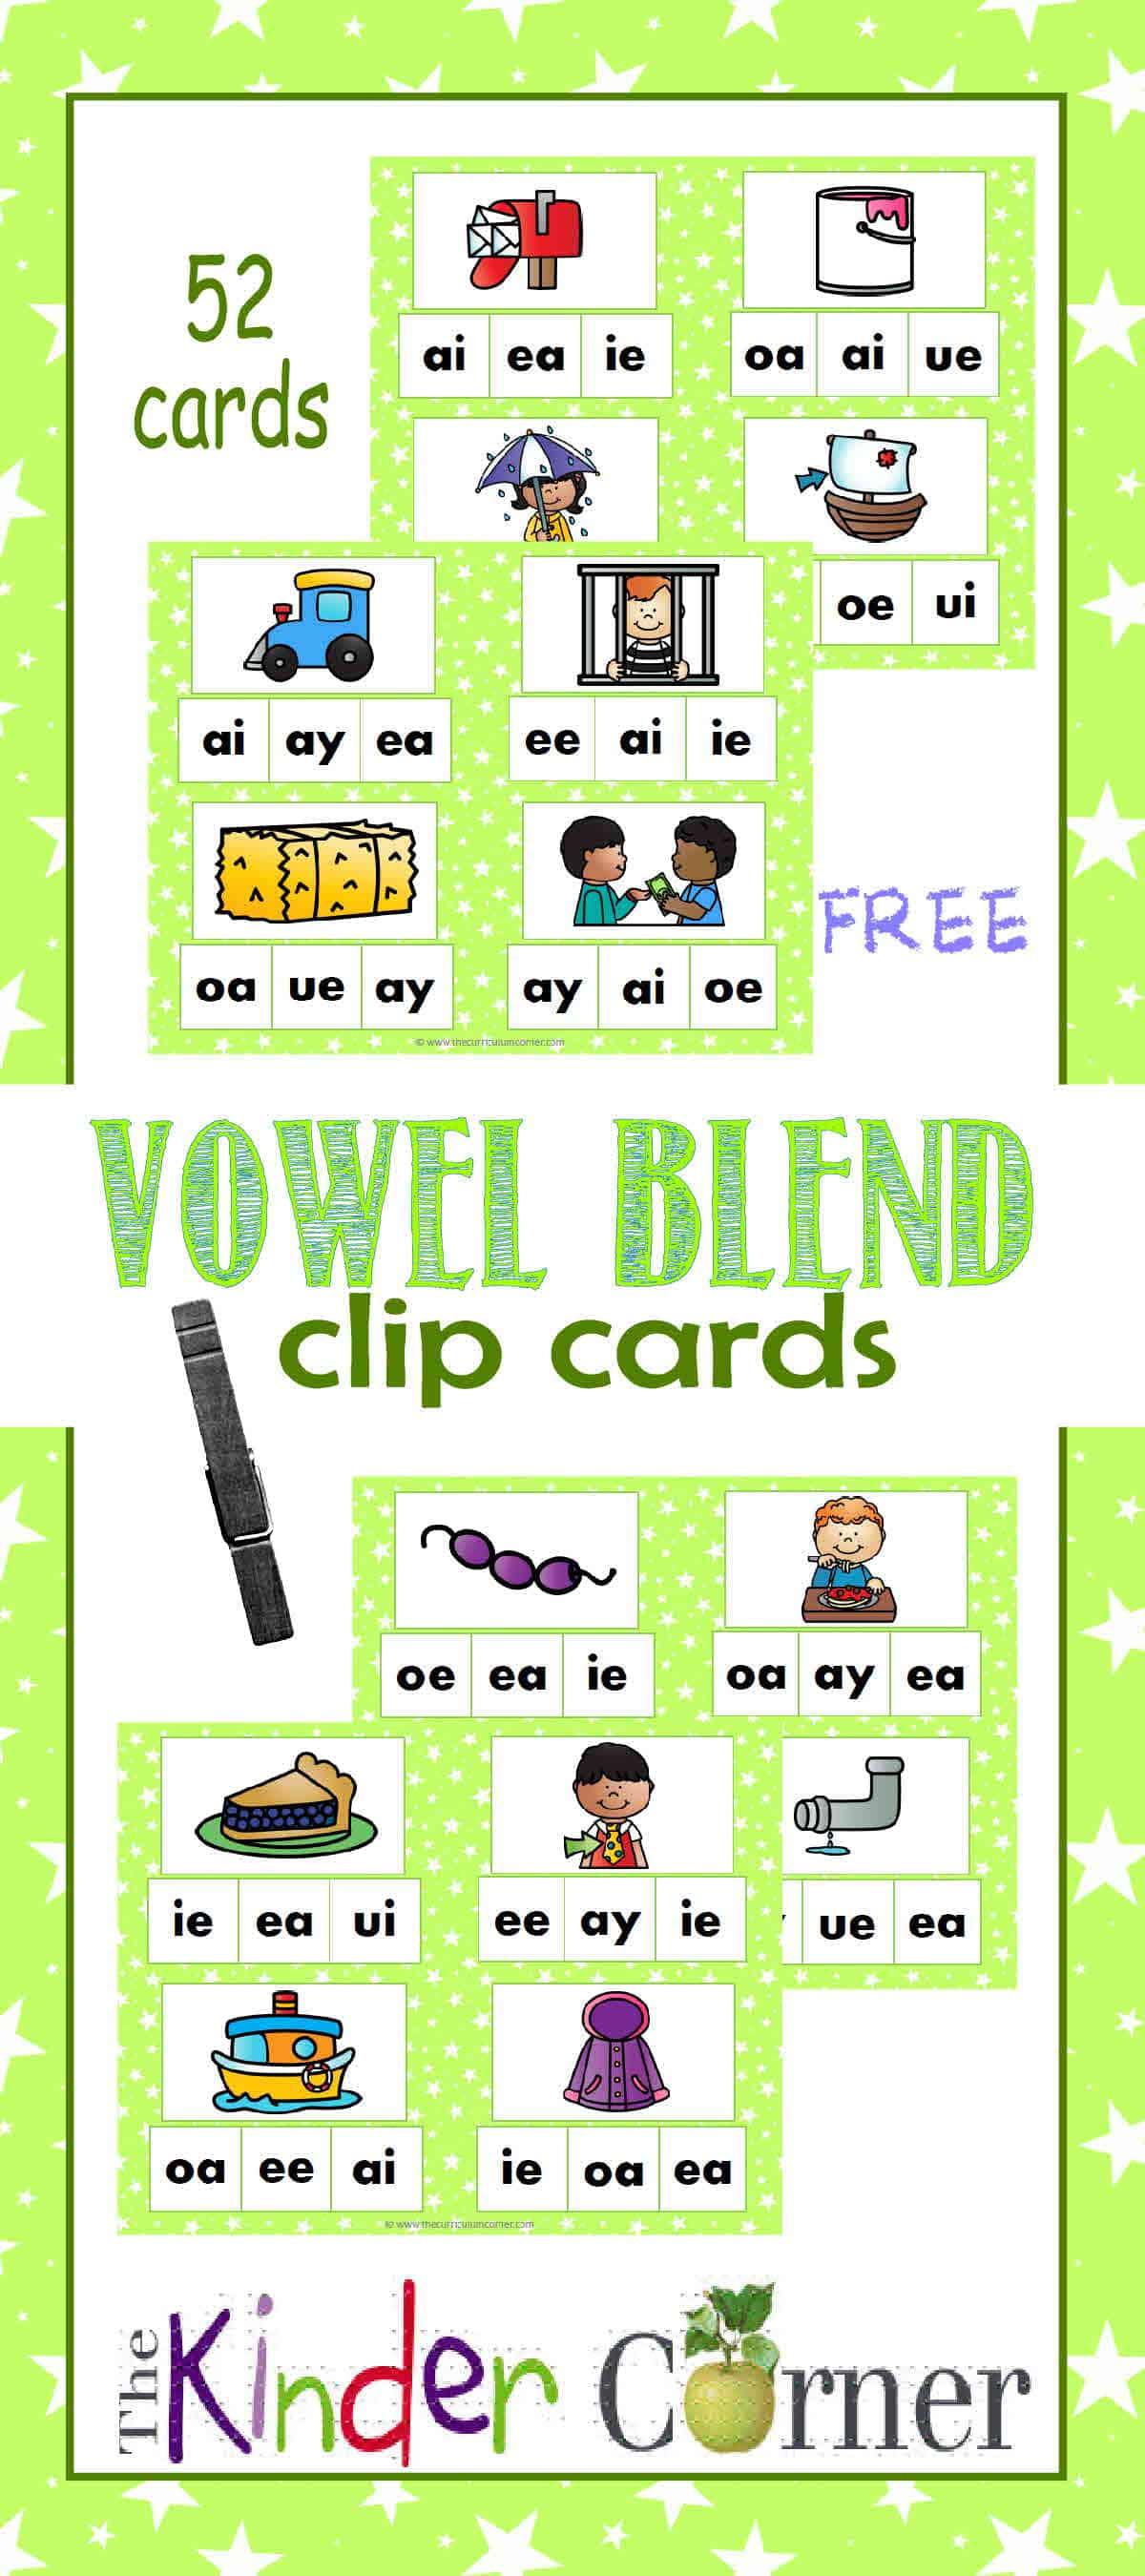 Vowel Blend Clip Cards